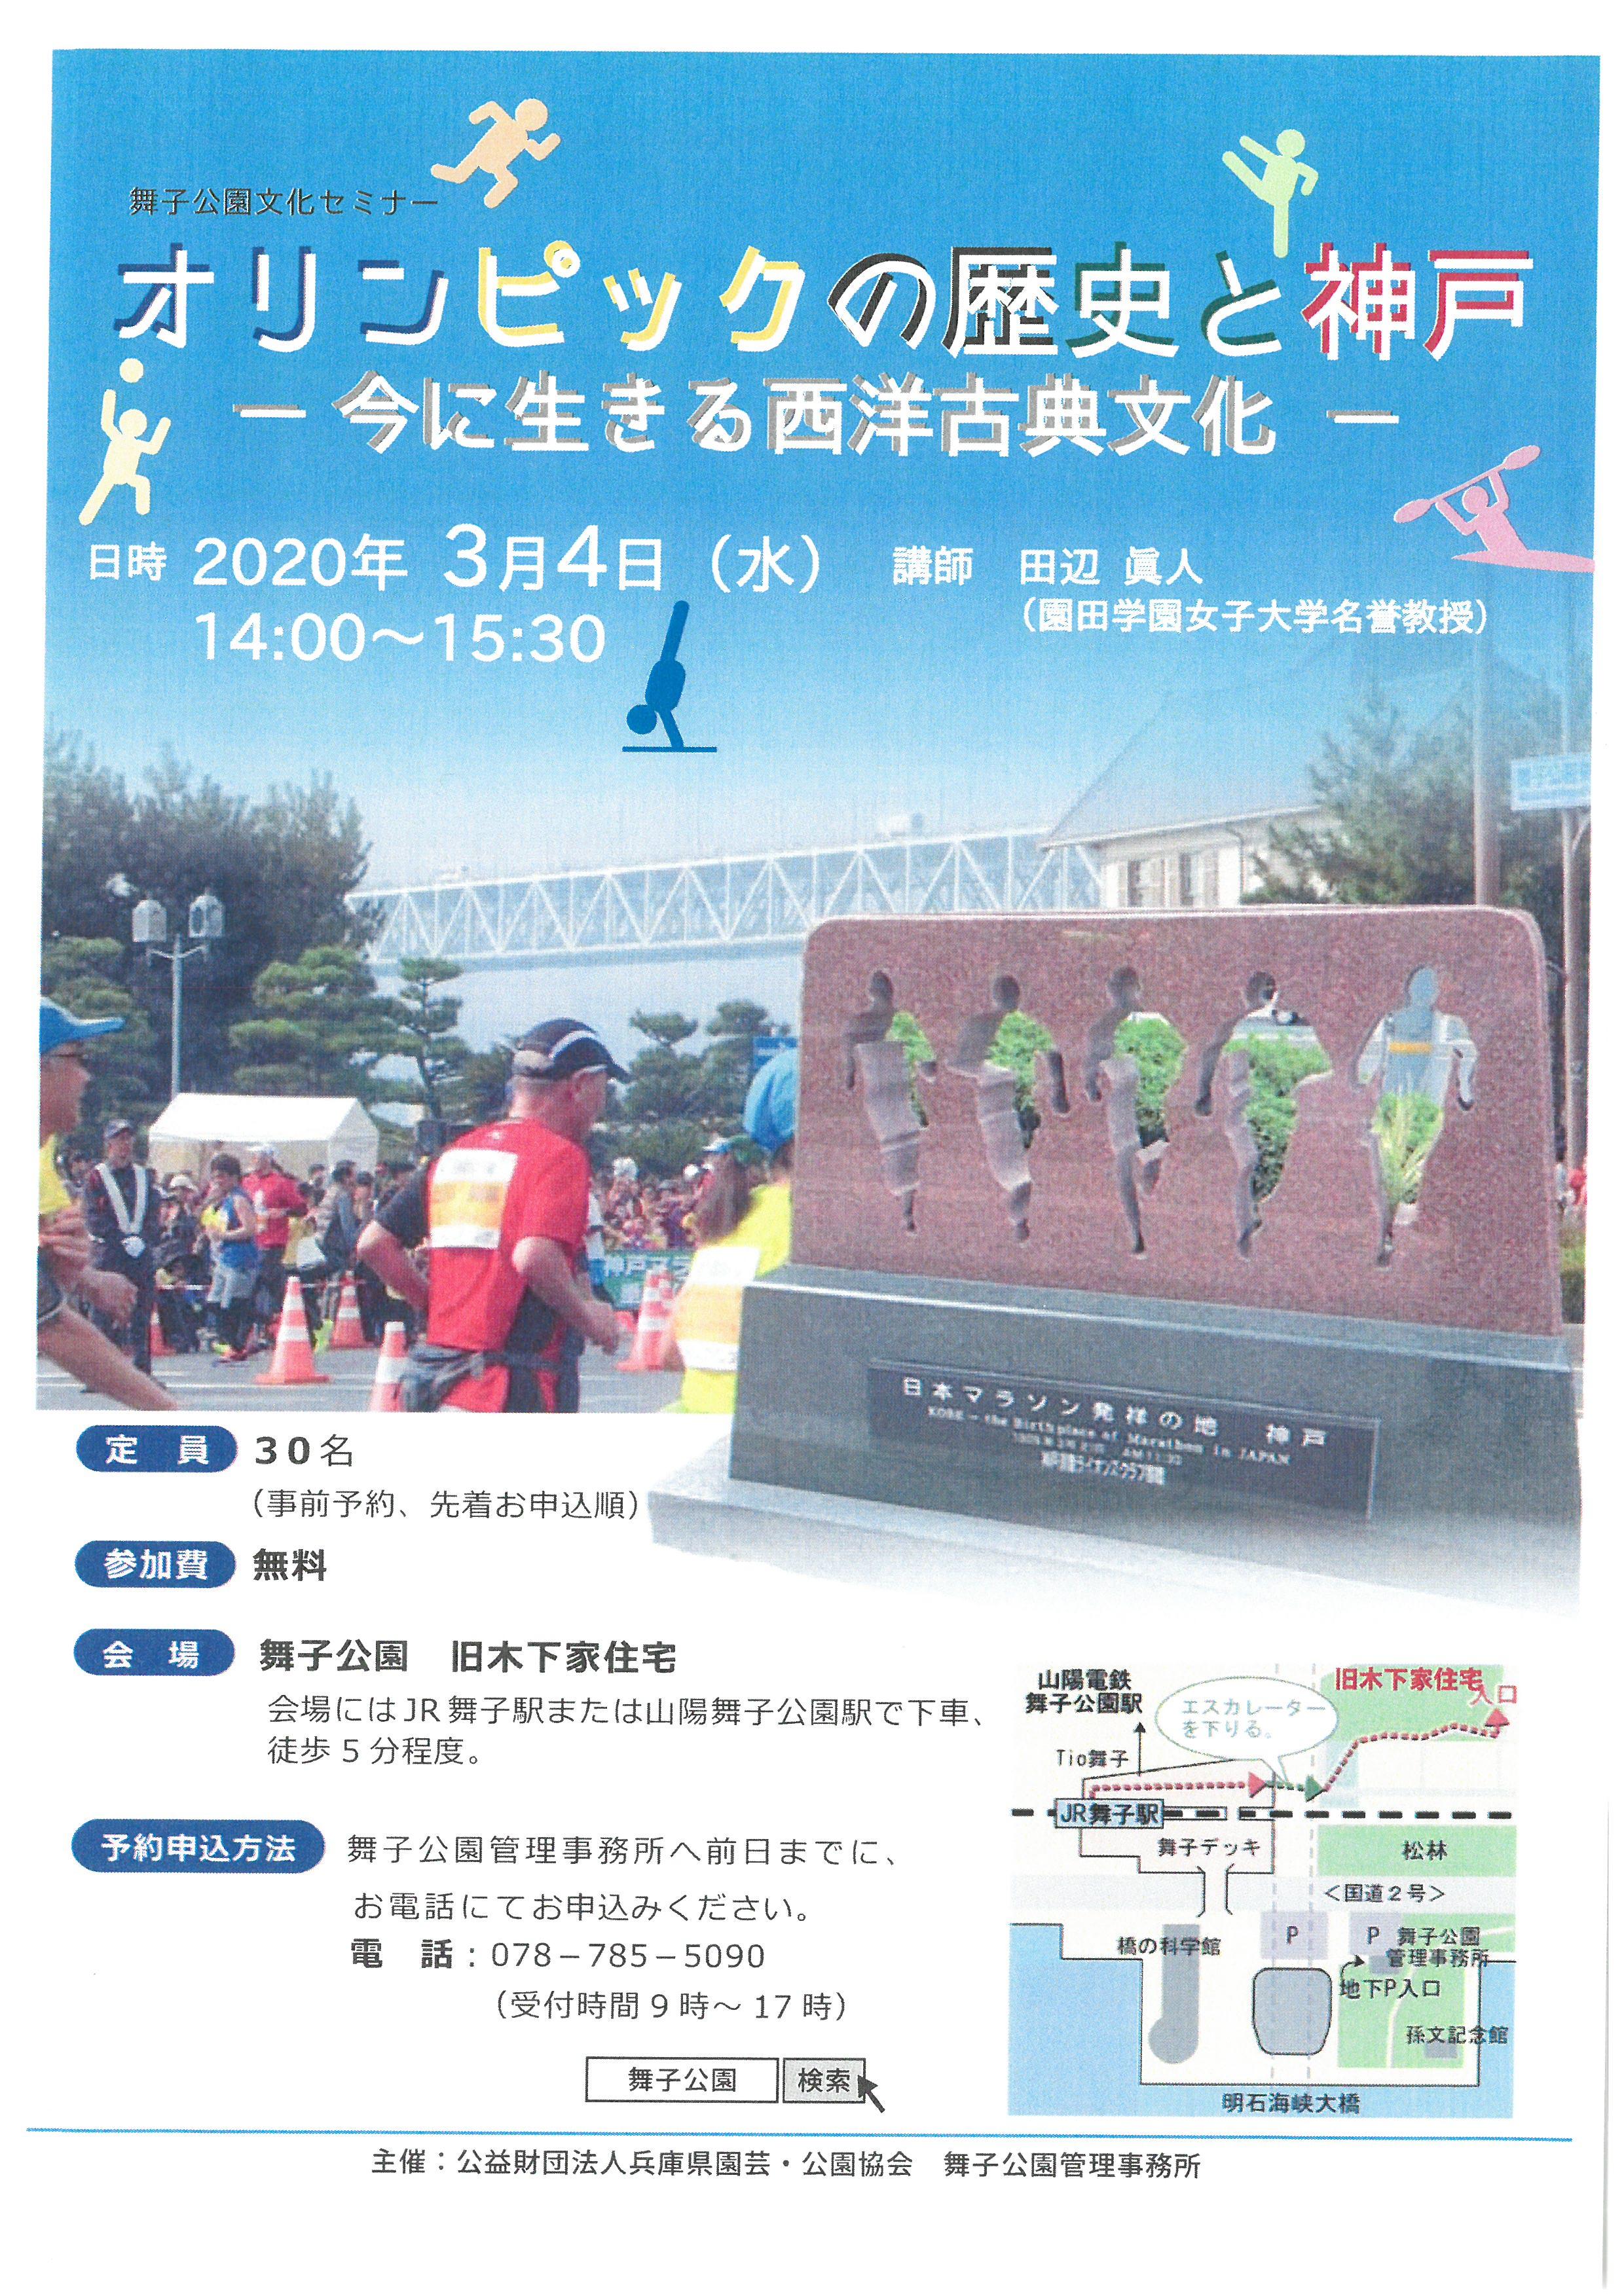 3/4(水)舞子公園文化セミナー「オリンピックの歴史と神戸」-今に生きる西洋古典文化のアイキャッチ